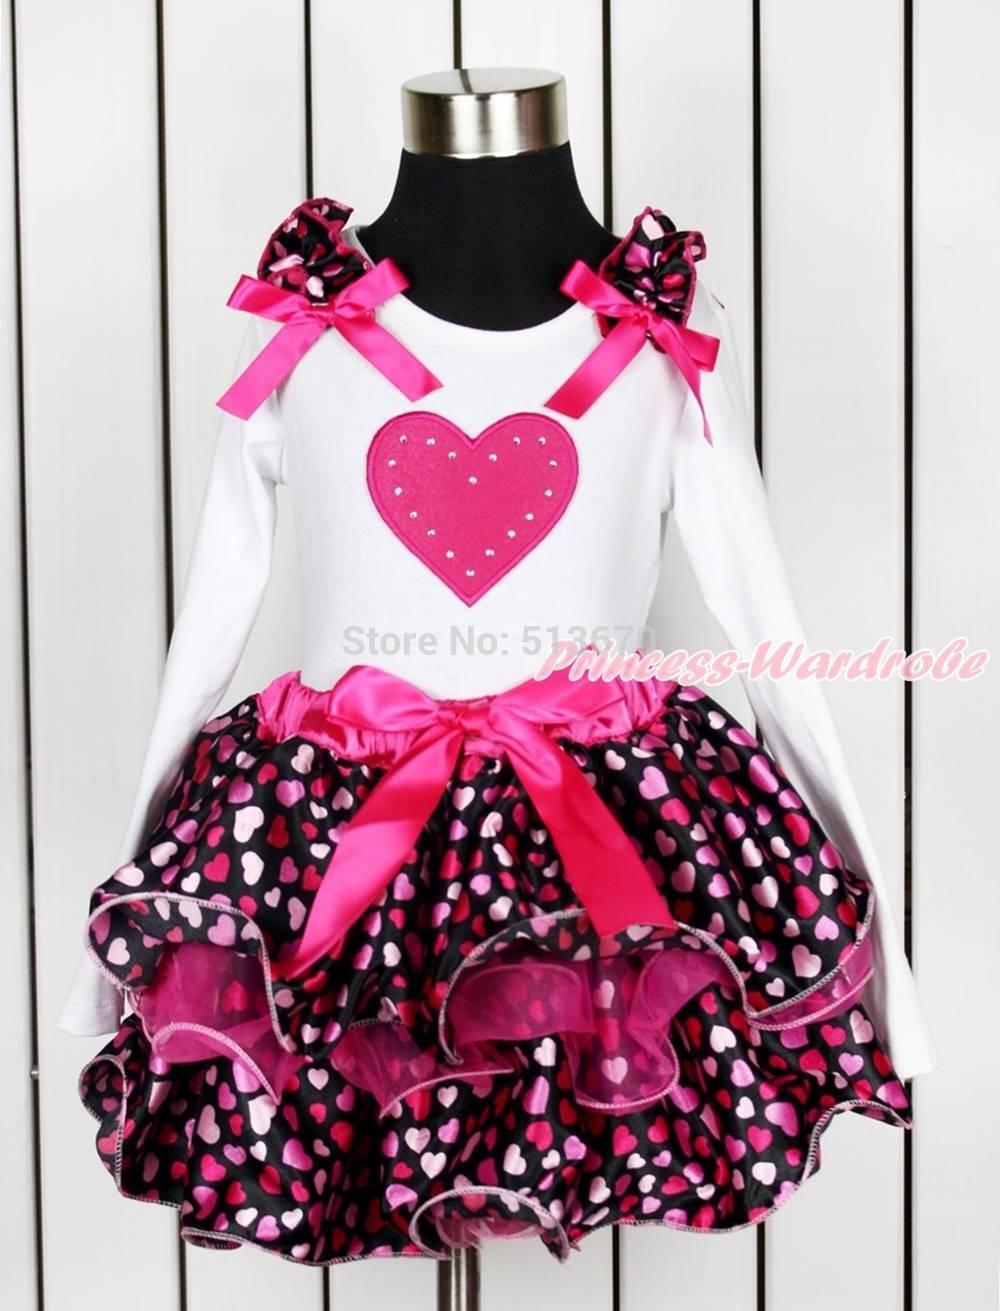 Valentine Hot Pink Heart Girl White Top Hot Pink Heart Petal Pettiskirt NB-8Year MAPSA0148(Hong Kong)